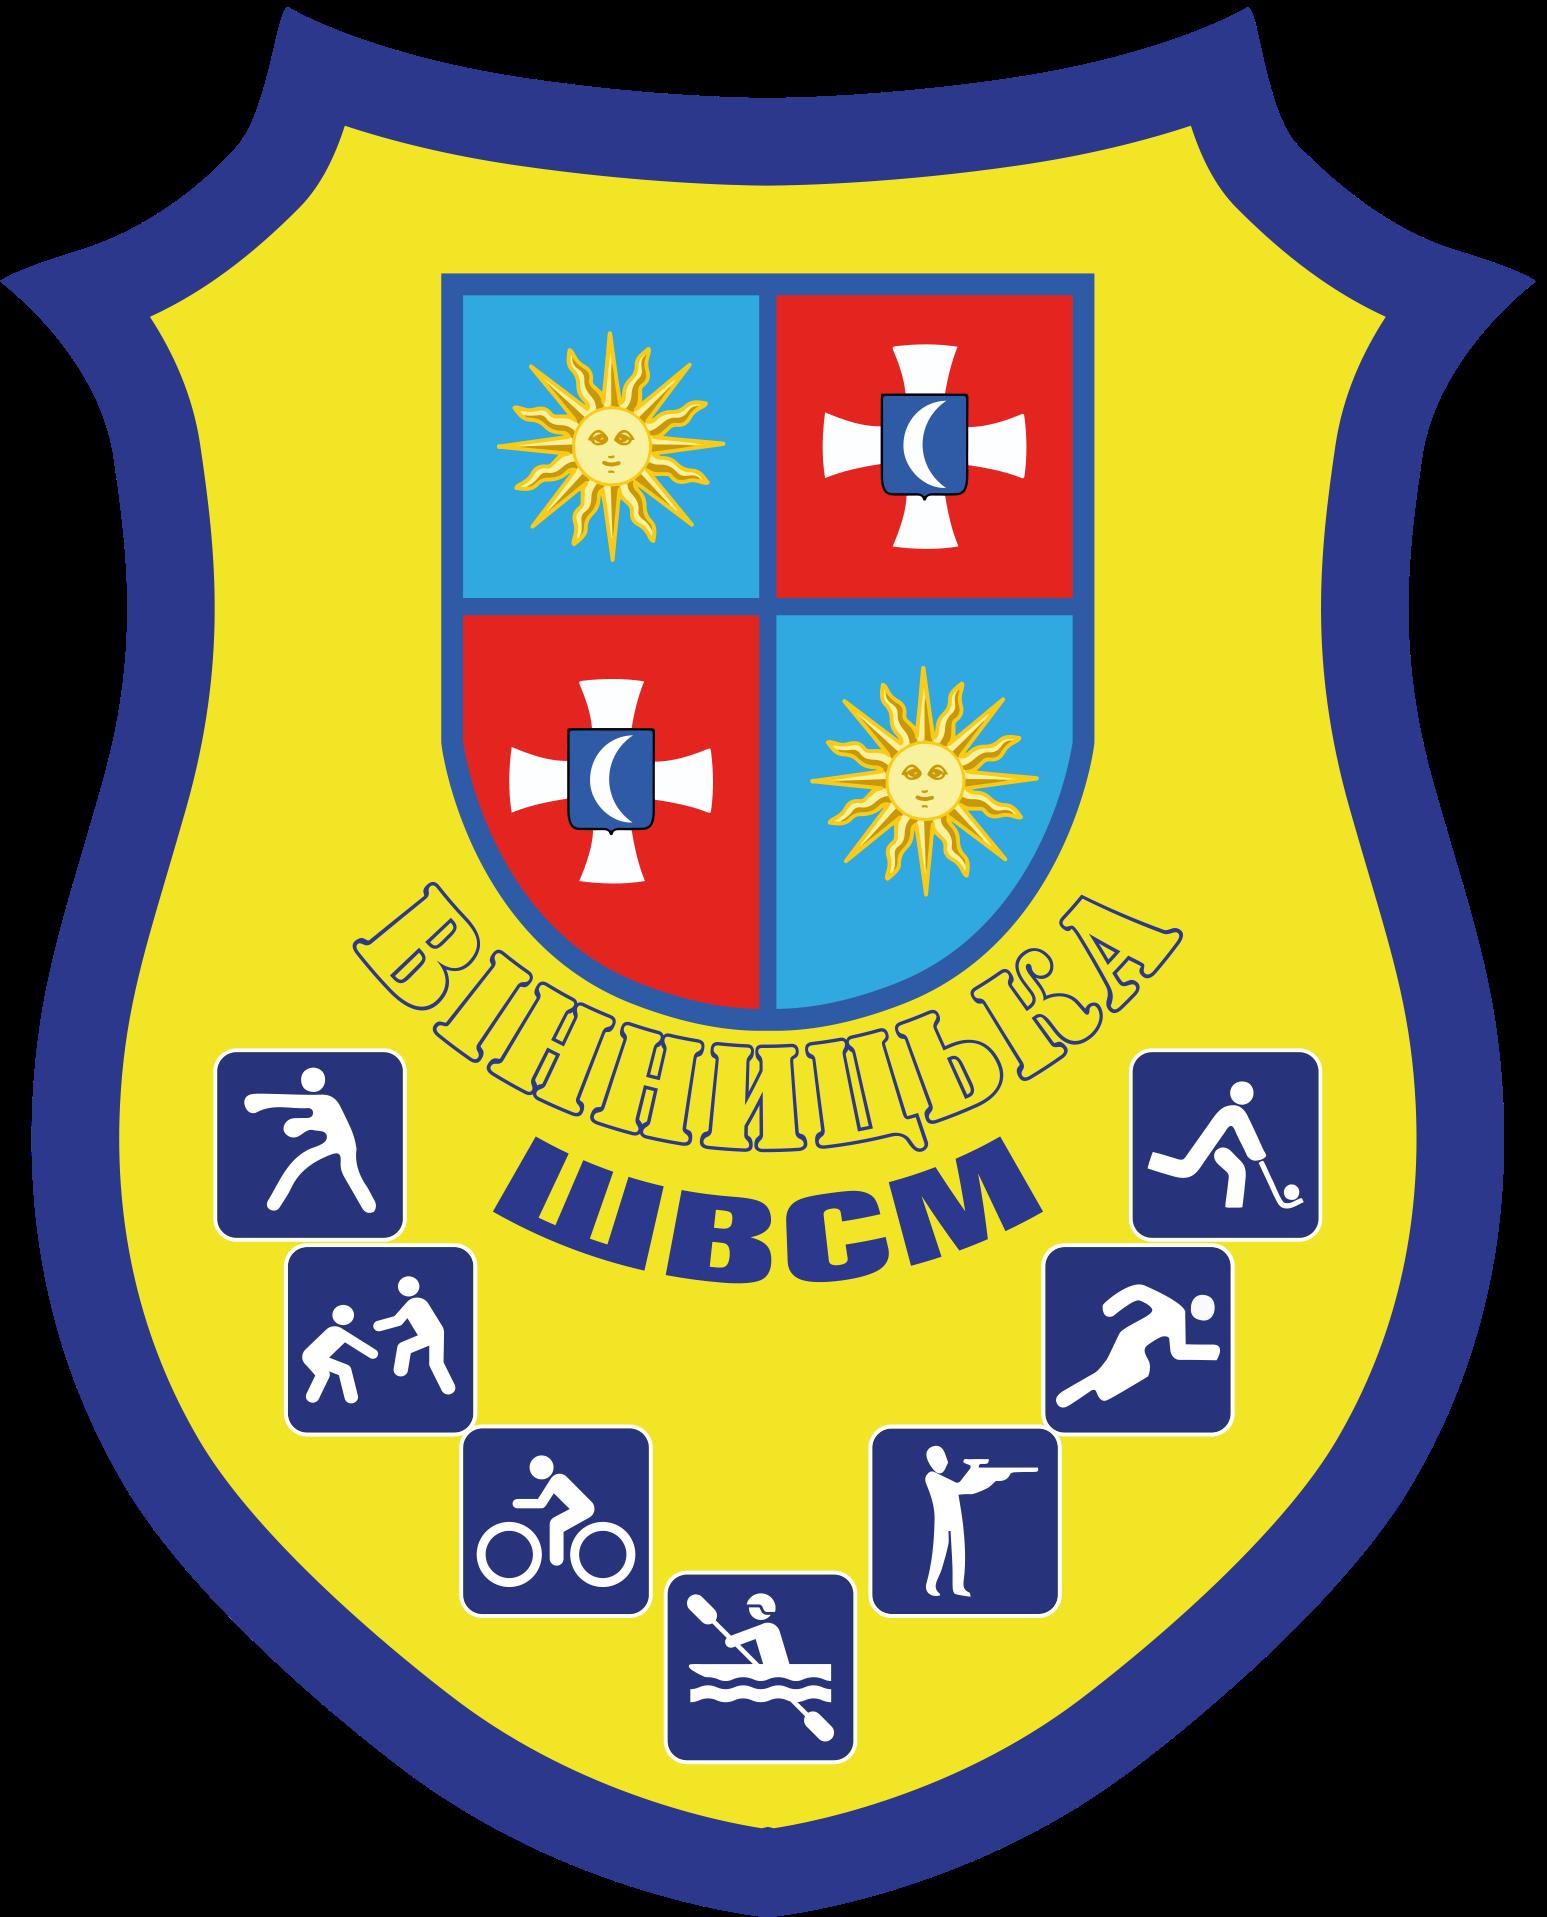 vinnytska-shkola-vyshchoi-sportyvnoi-maisternosti